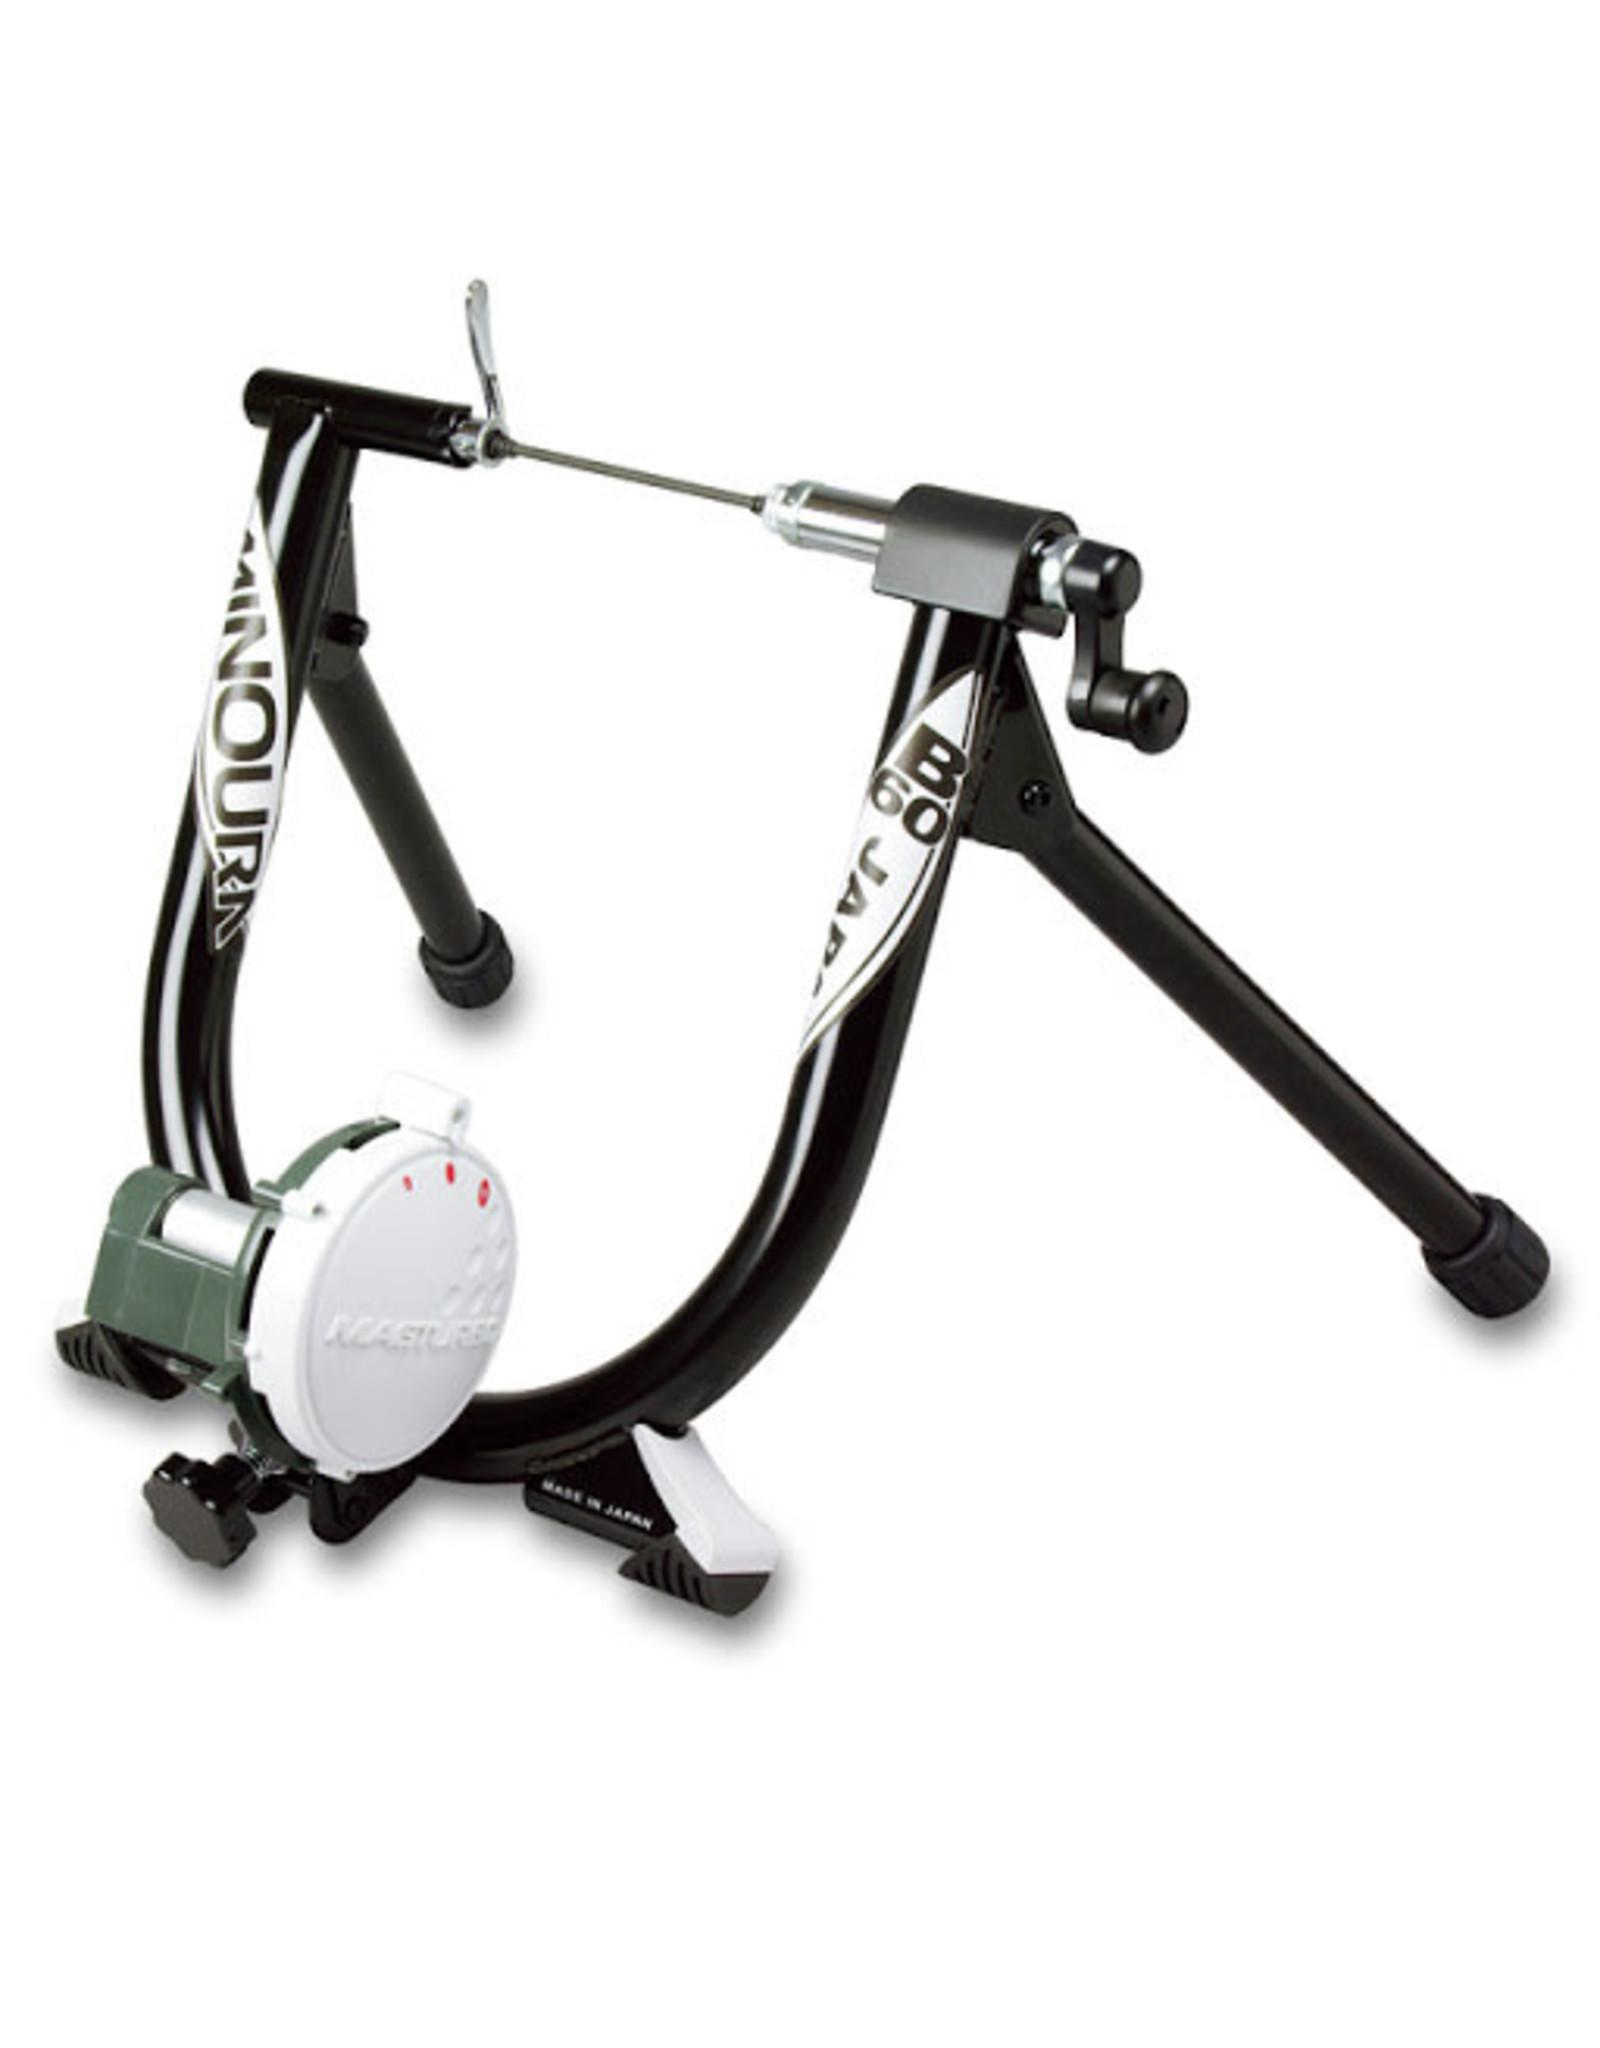 MINOURA BICYCLE INDOOR TRAINER B6-D